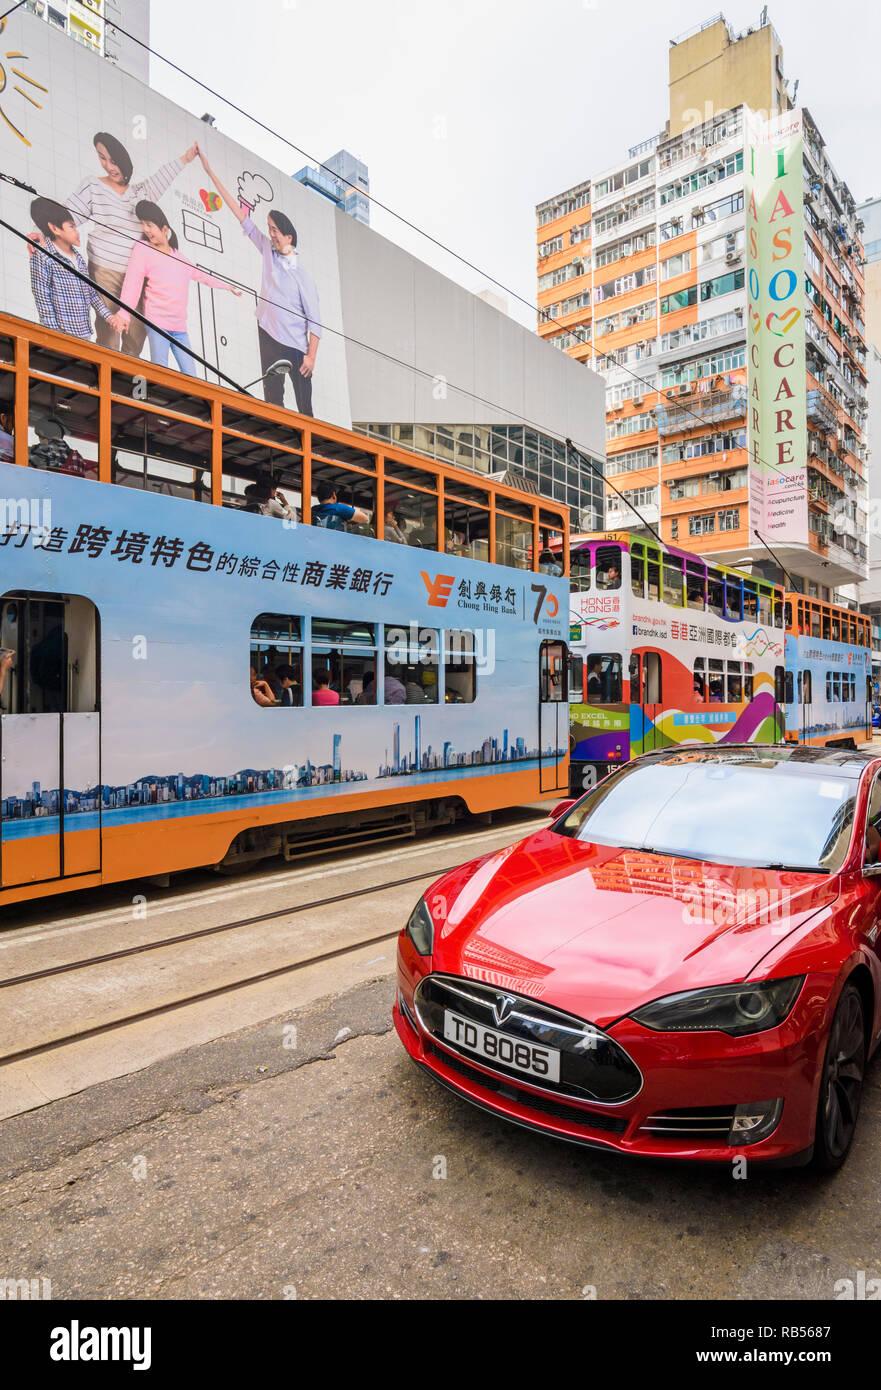 Tesla and trams on Johnston Rd, Wan Chai, Hong Kong - Stock Image